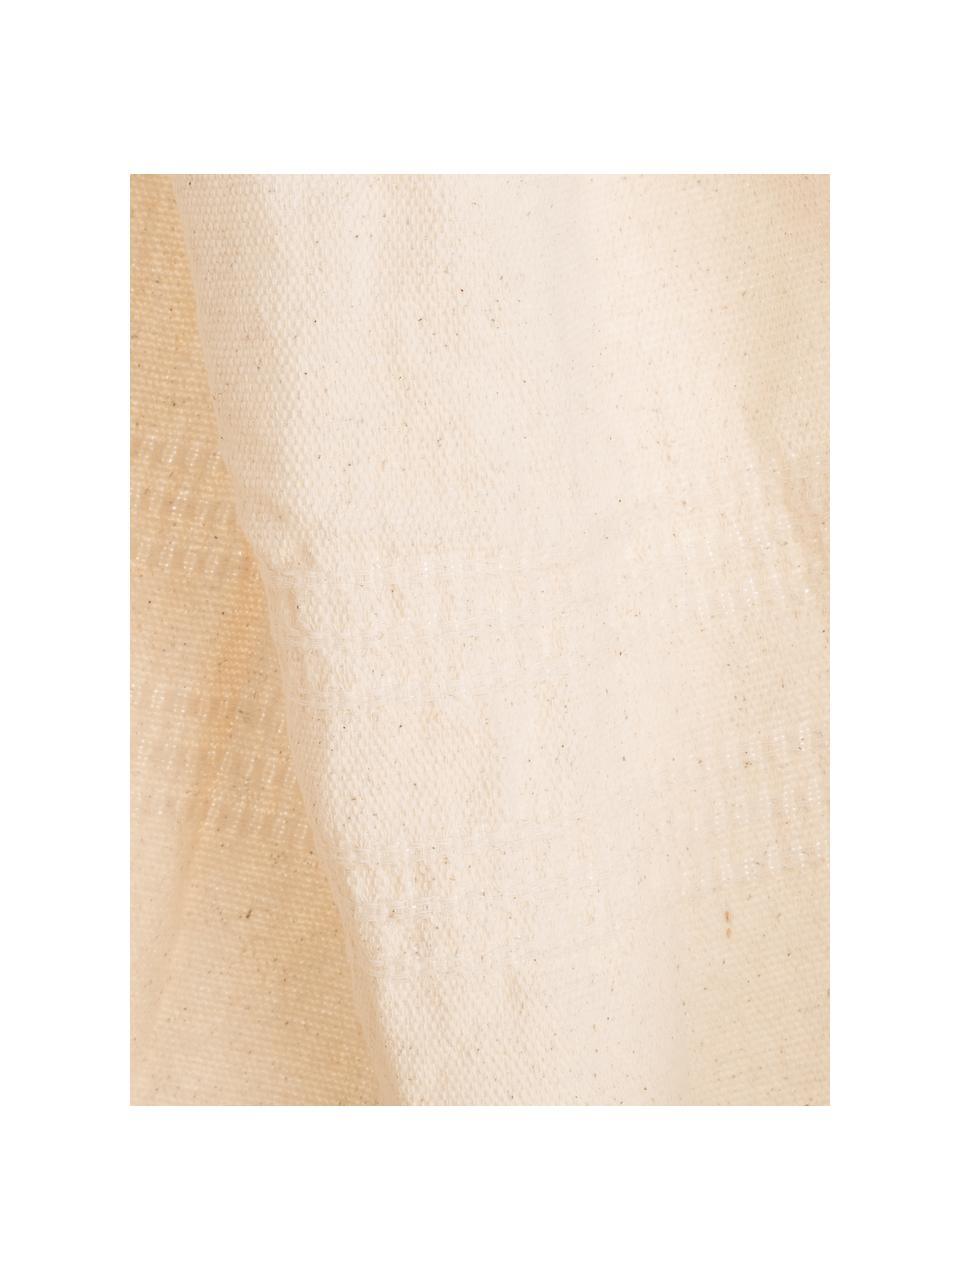 Hängesessel Brasil aus Baumwolle in Naturfarben, Beige, 130 x 160 cm